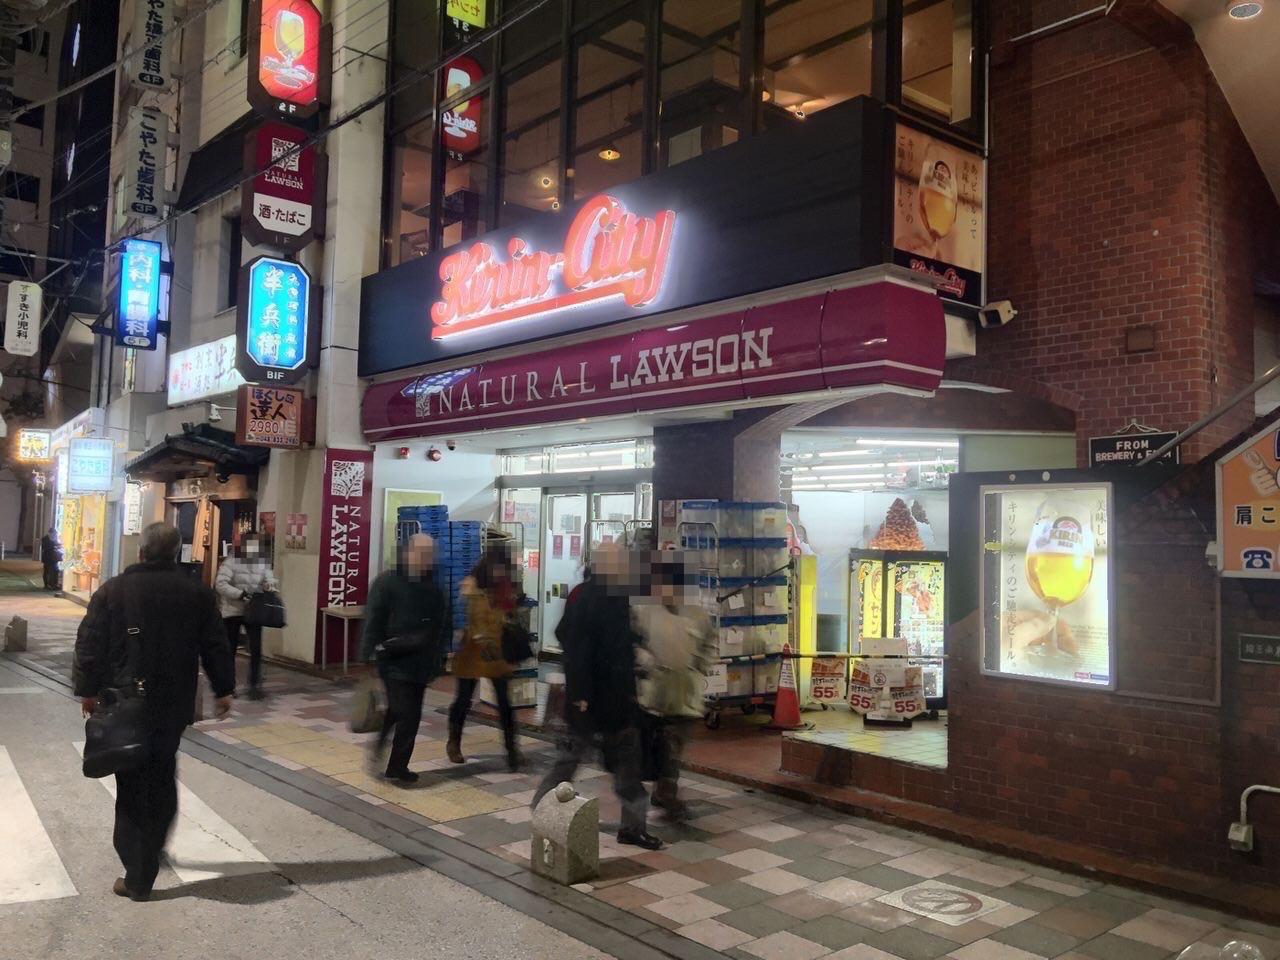 浦和にナチュロー!「ナチュラルローソン 浦和高砂一丁目店」2016年2月19日にオープン